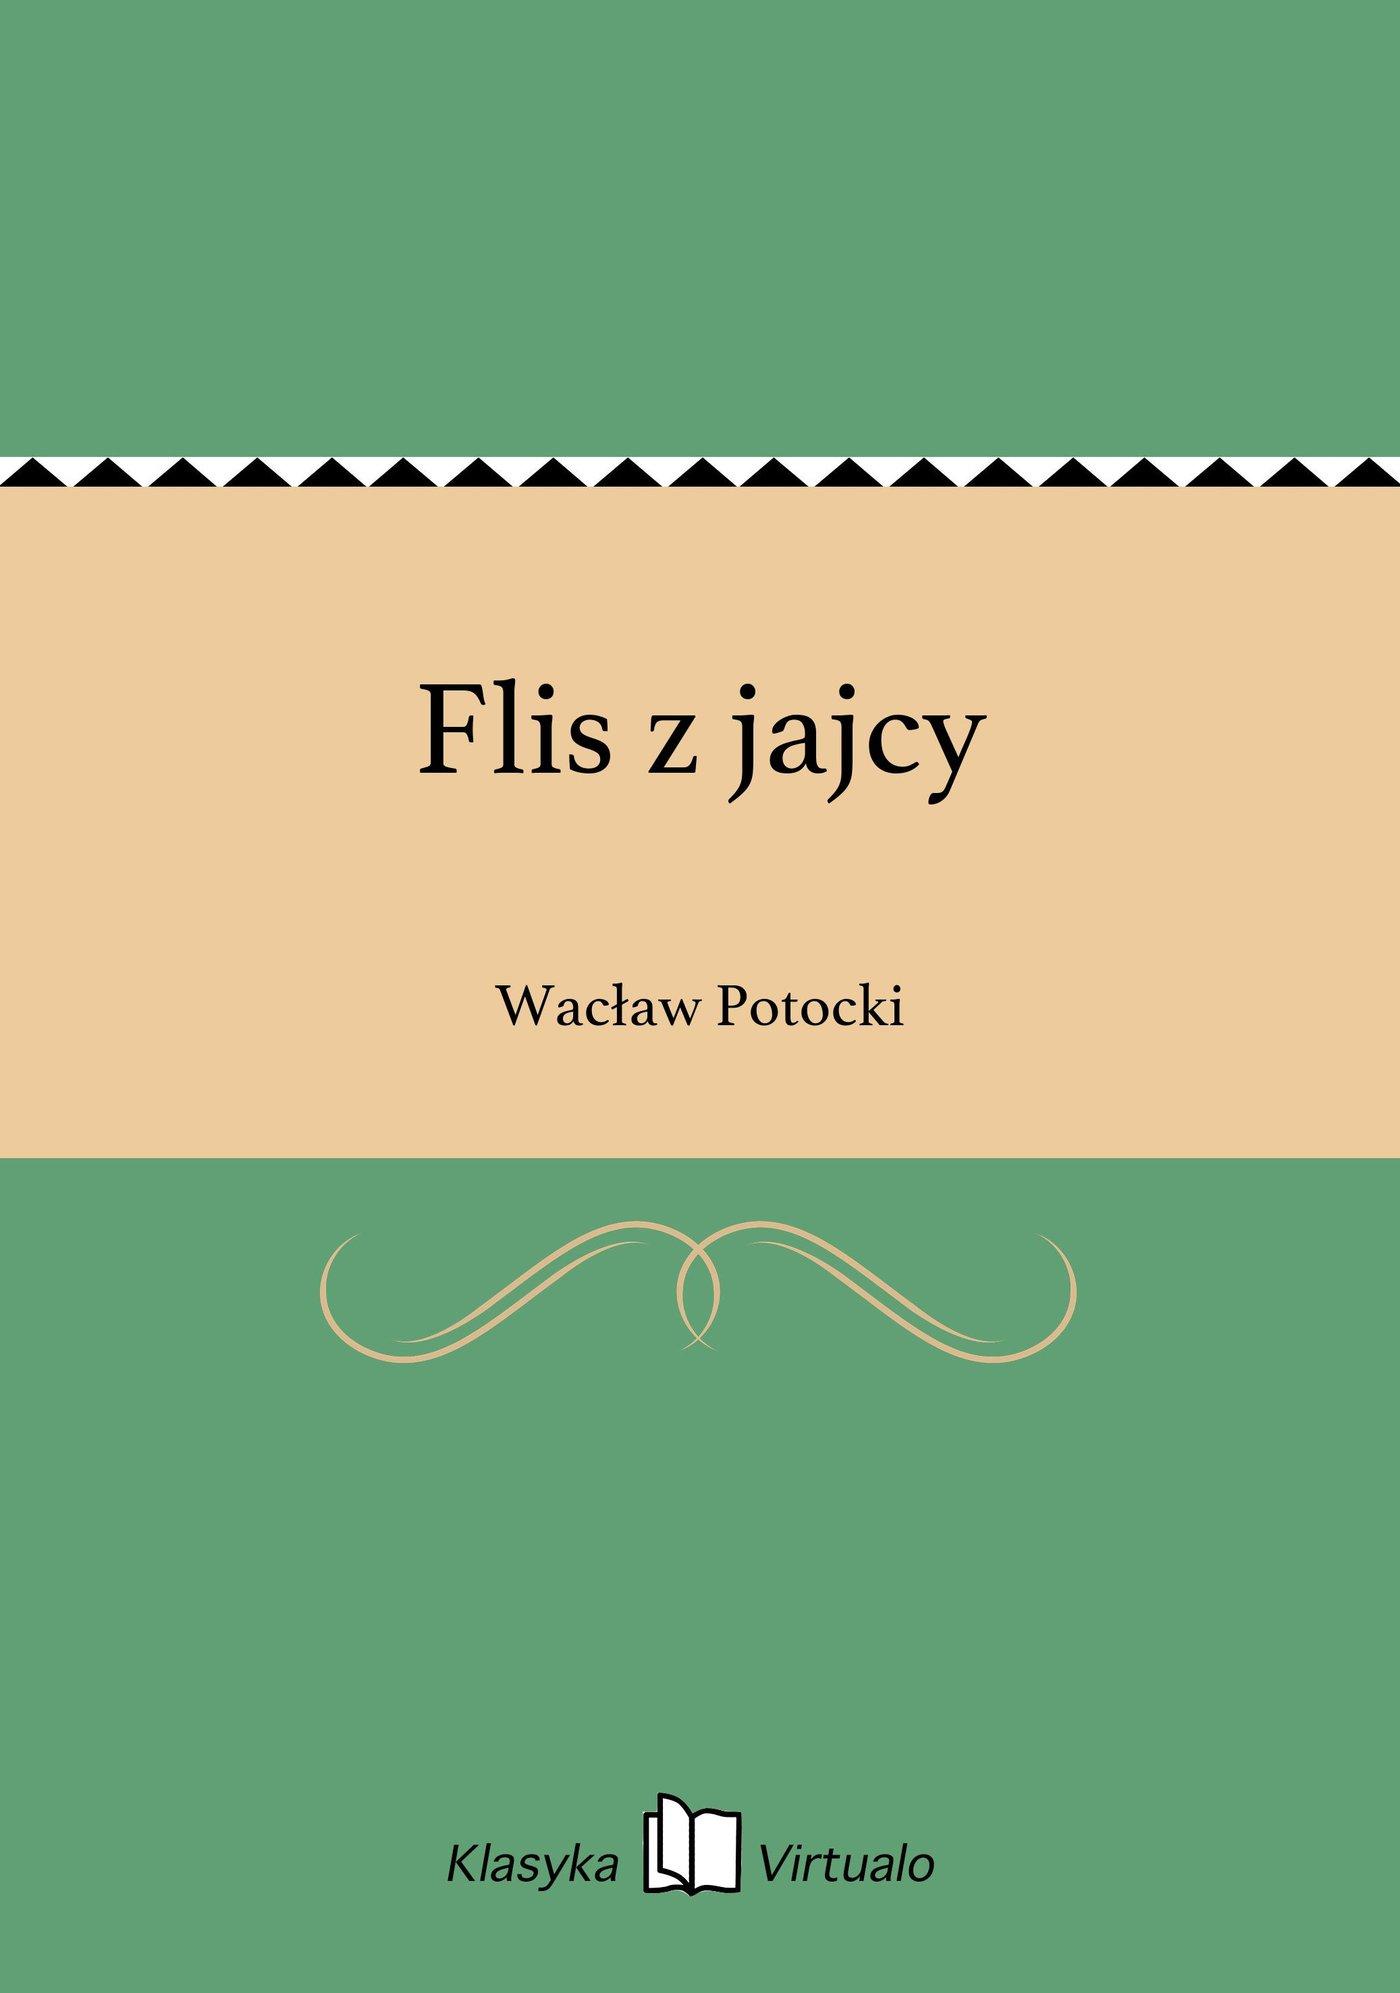 Flis z jajcy - Ebook (Książka EPUB) do pobrania w formacie EPUB